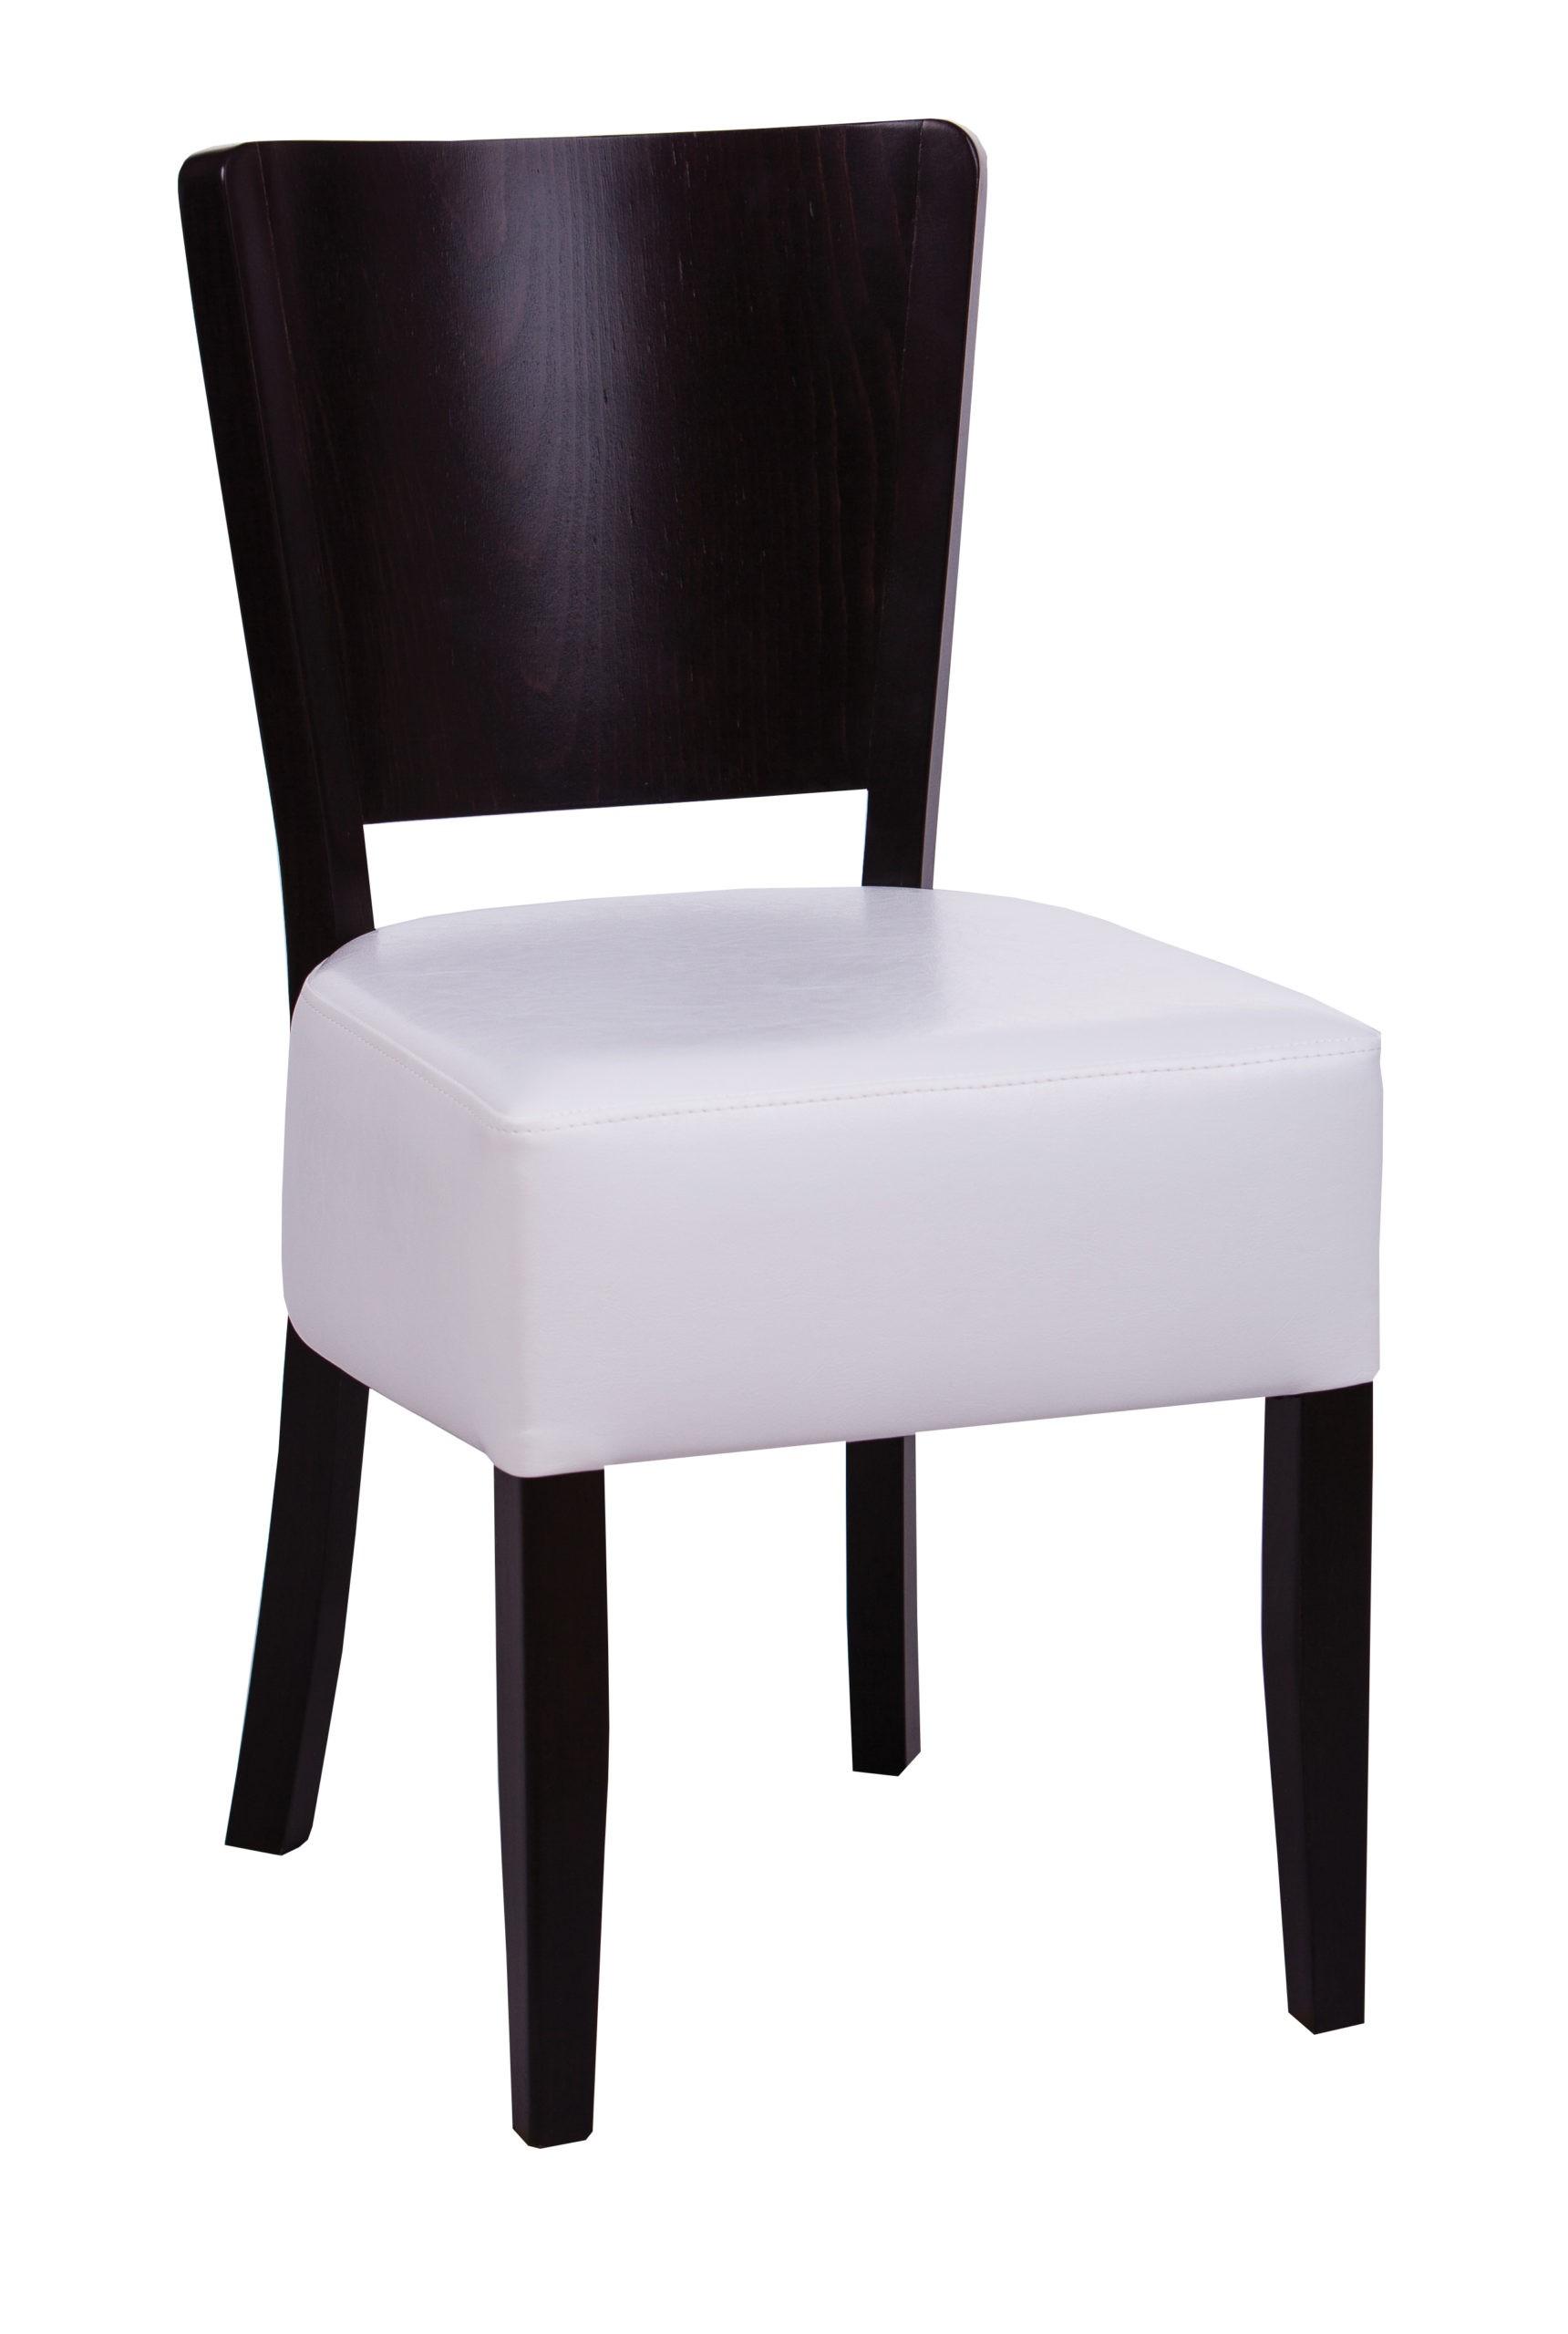 Krzesło KT50 do kuchni oraz jadalni w nowoczesnym unikatowym stylu